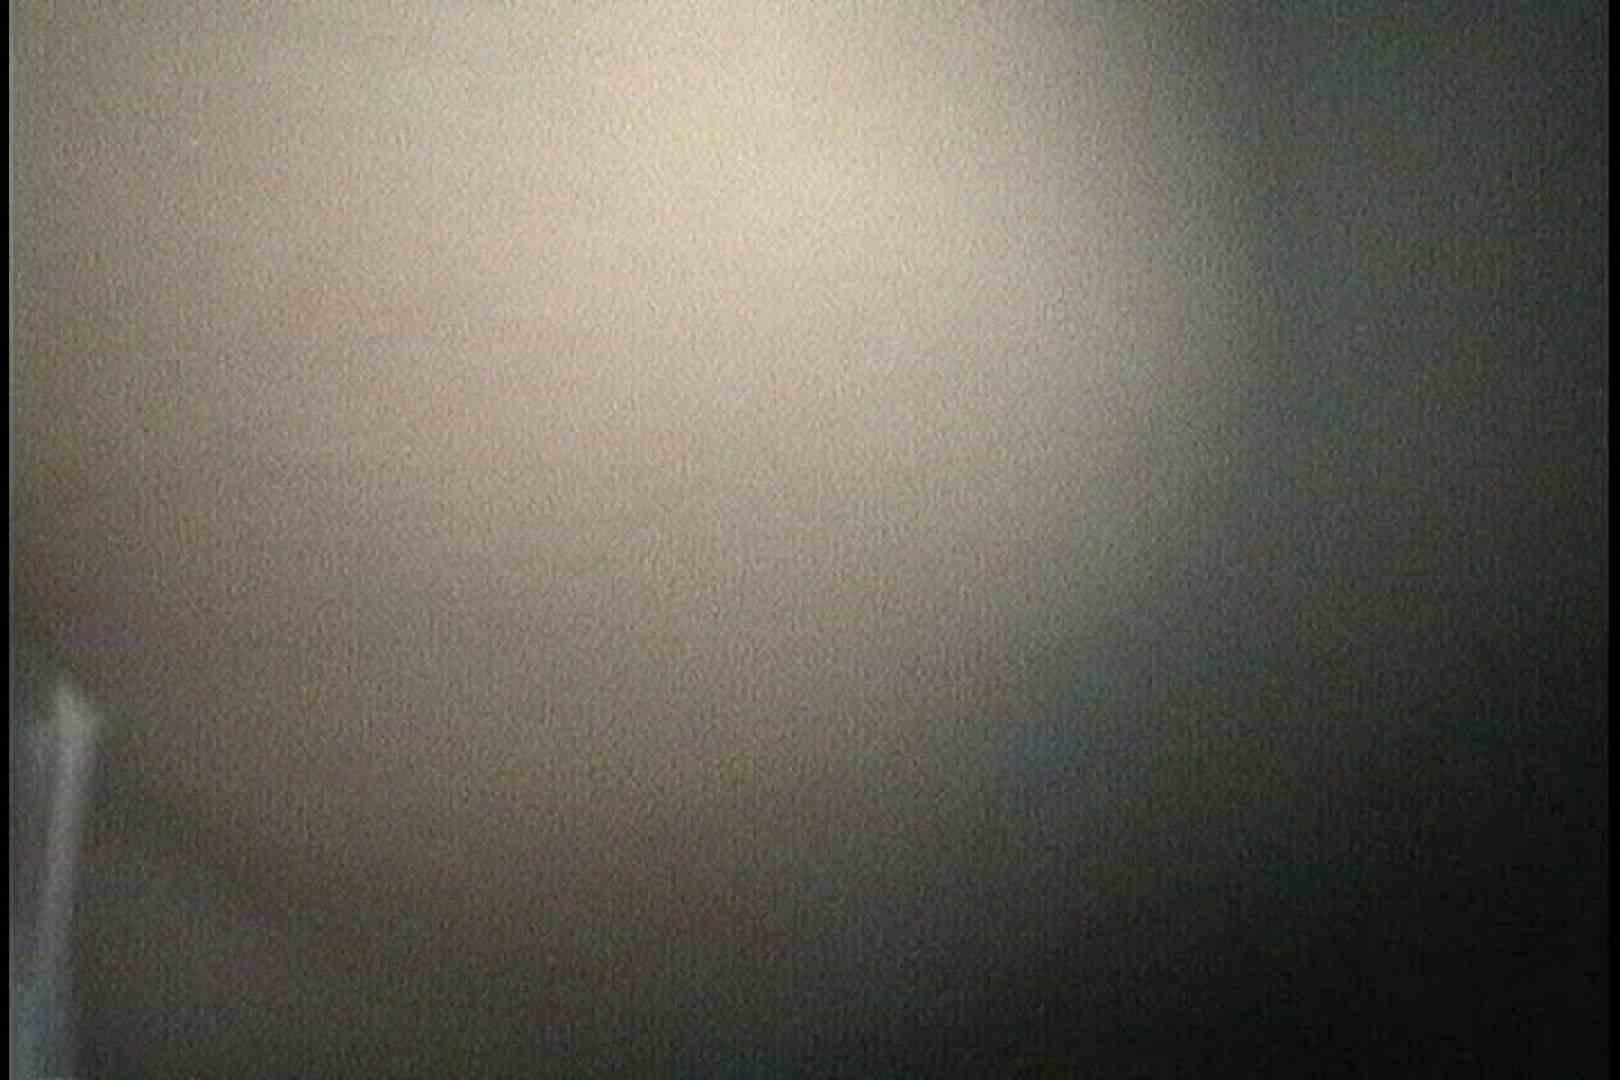 トイレ盗撮|No.72 まんこから飛び出す具を前後から!!|怪盗ジョーカー